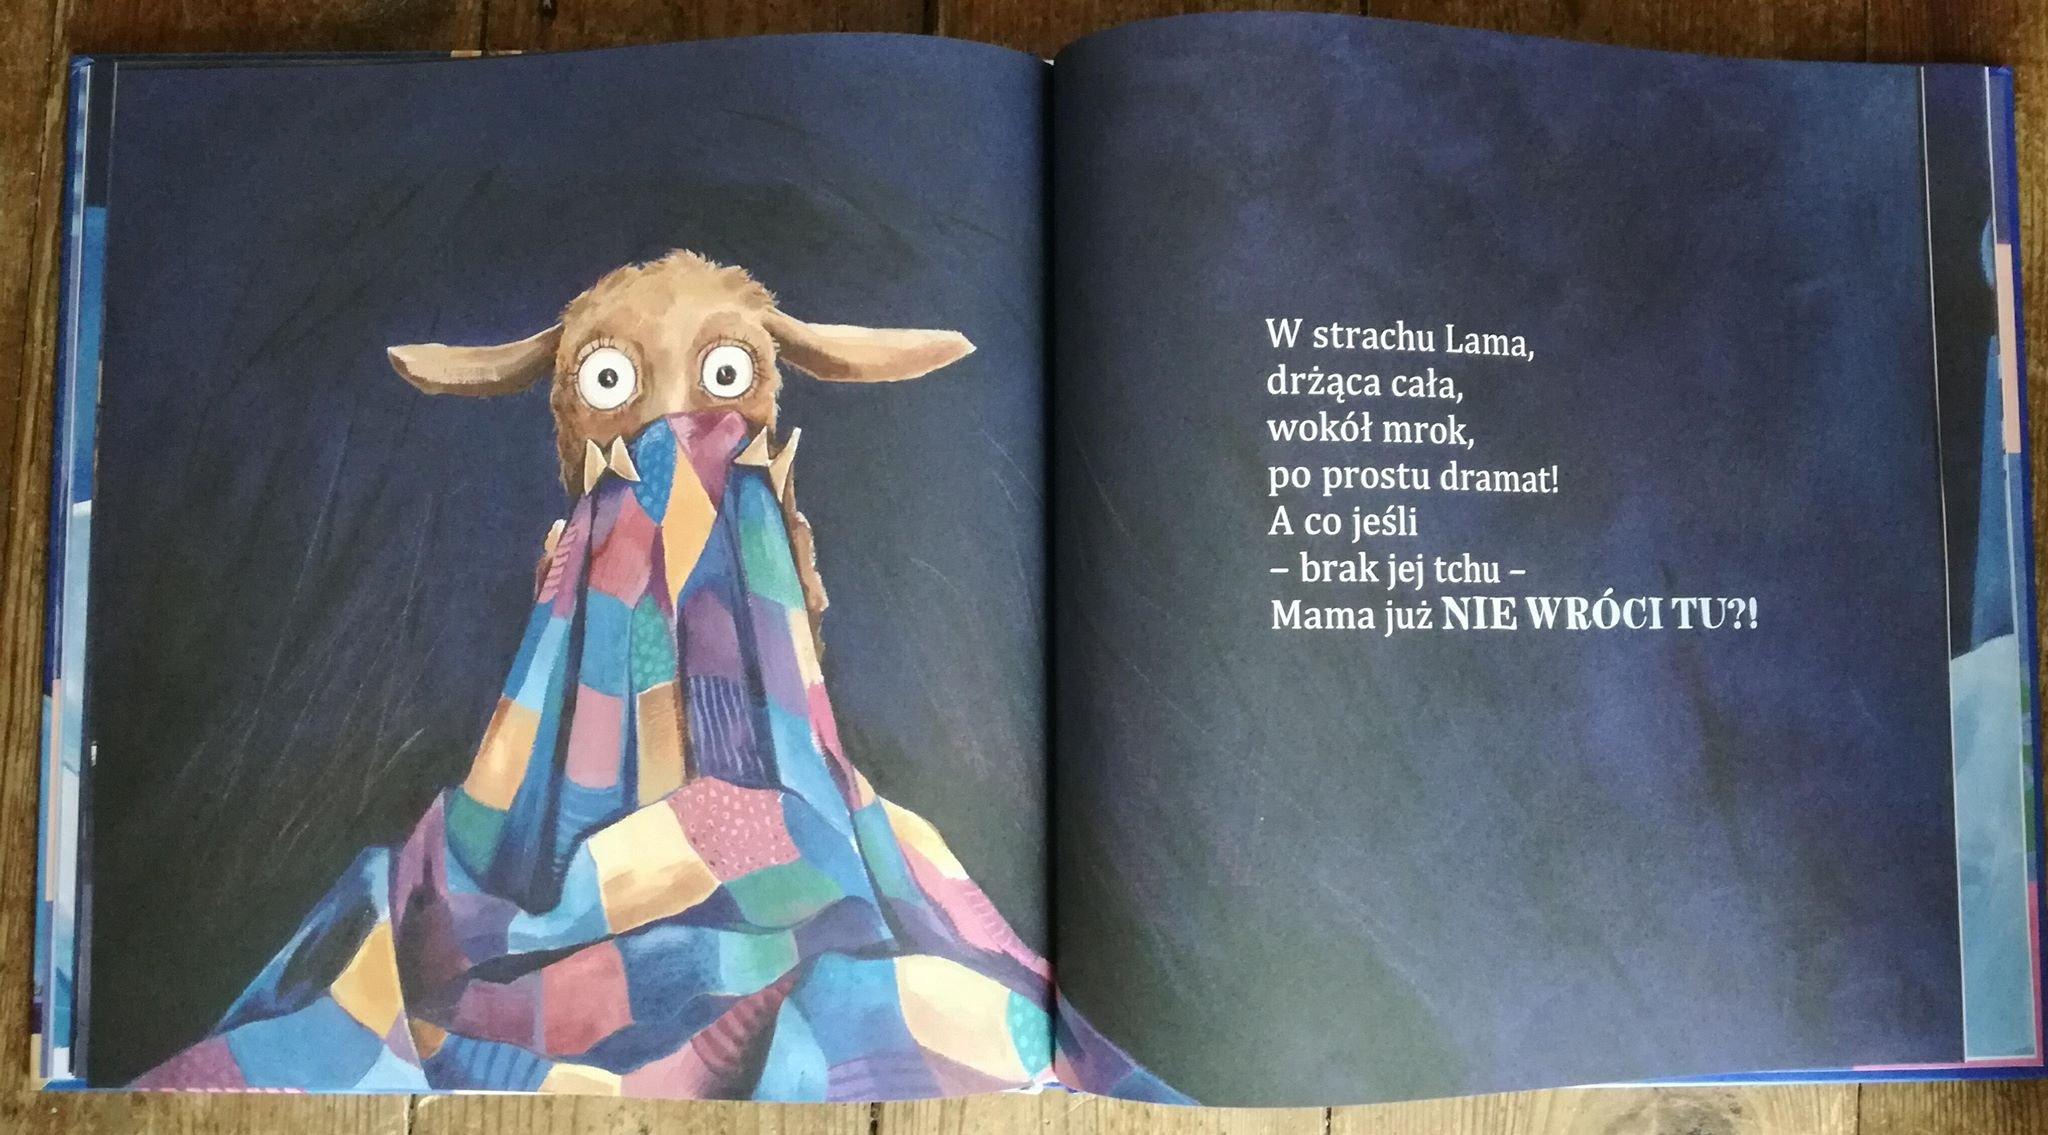 Mała lama opinie o książce